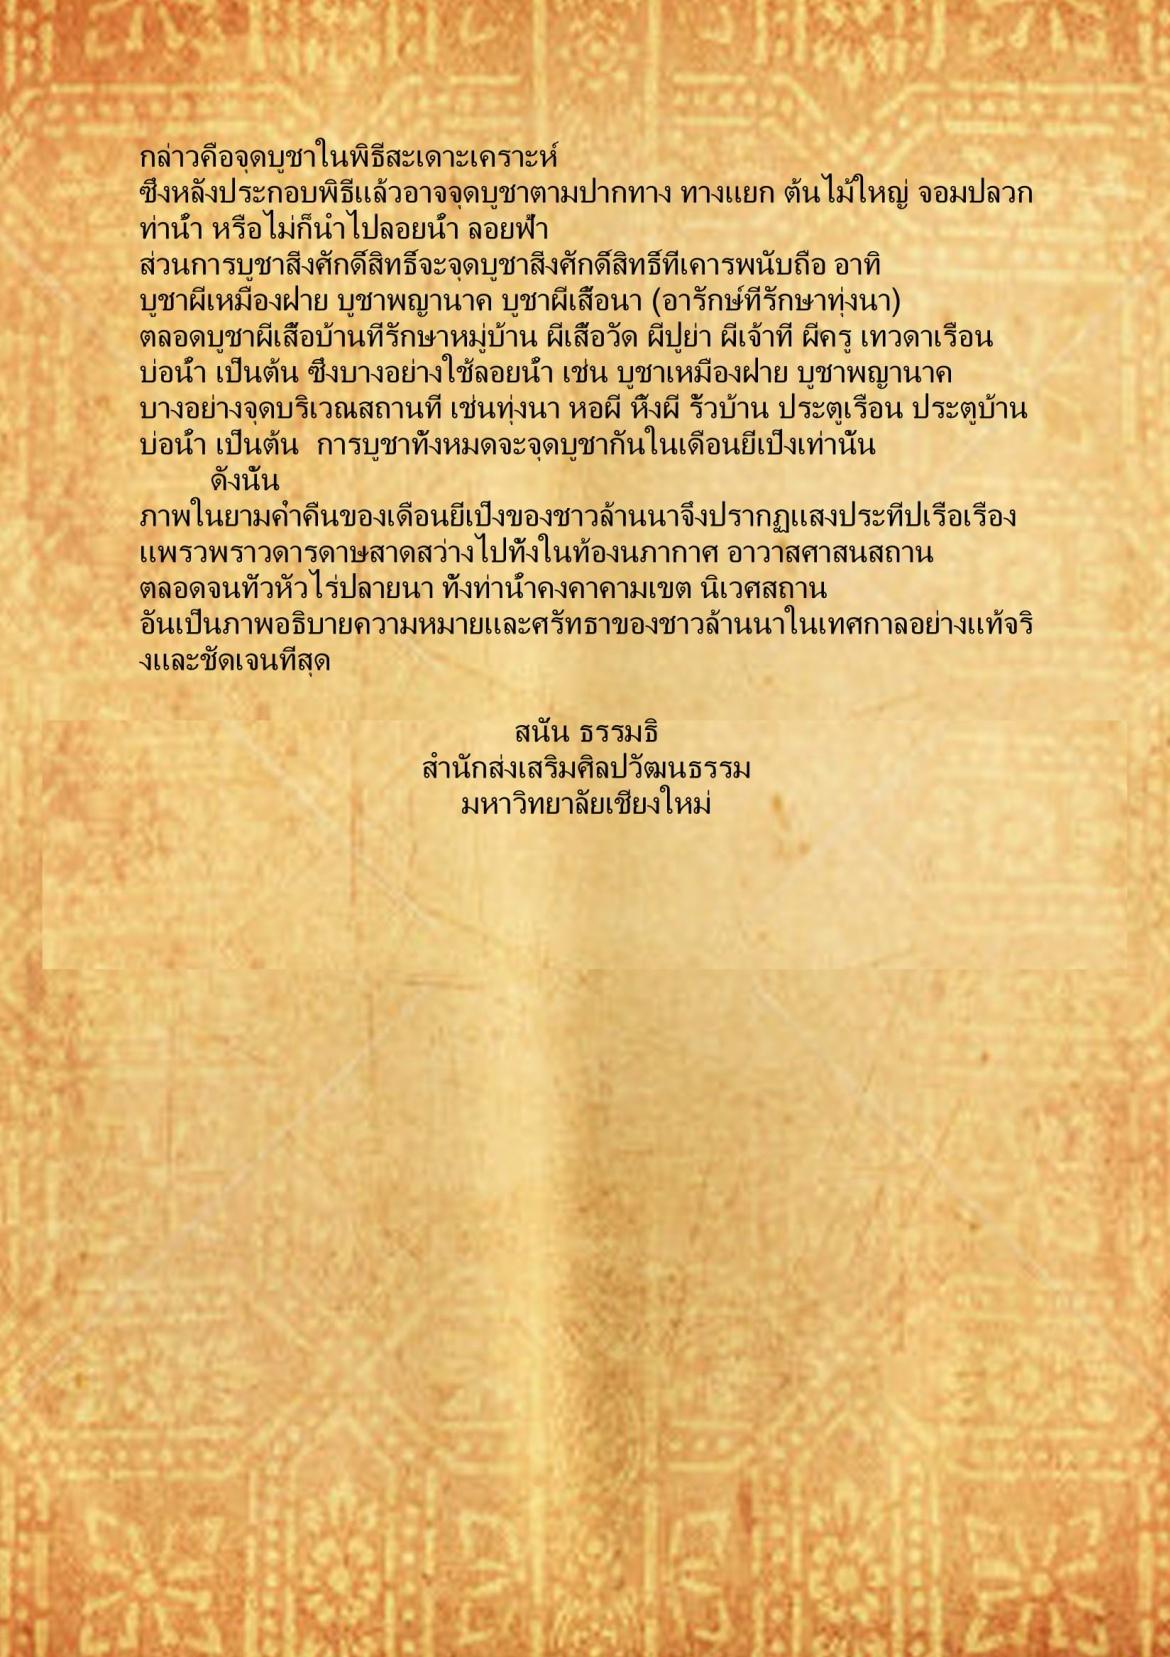 ผางผะตึด/ประทีป (2) - 14  พฤศจิกายน  2559